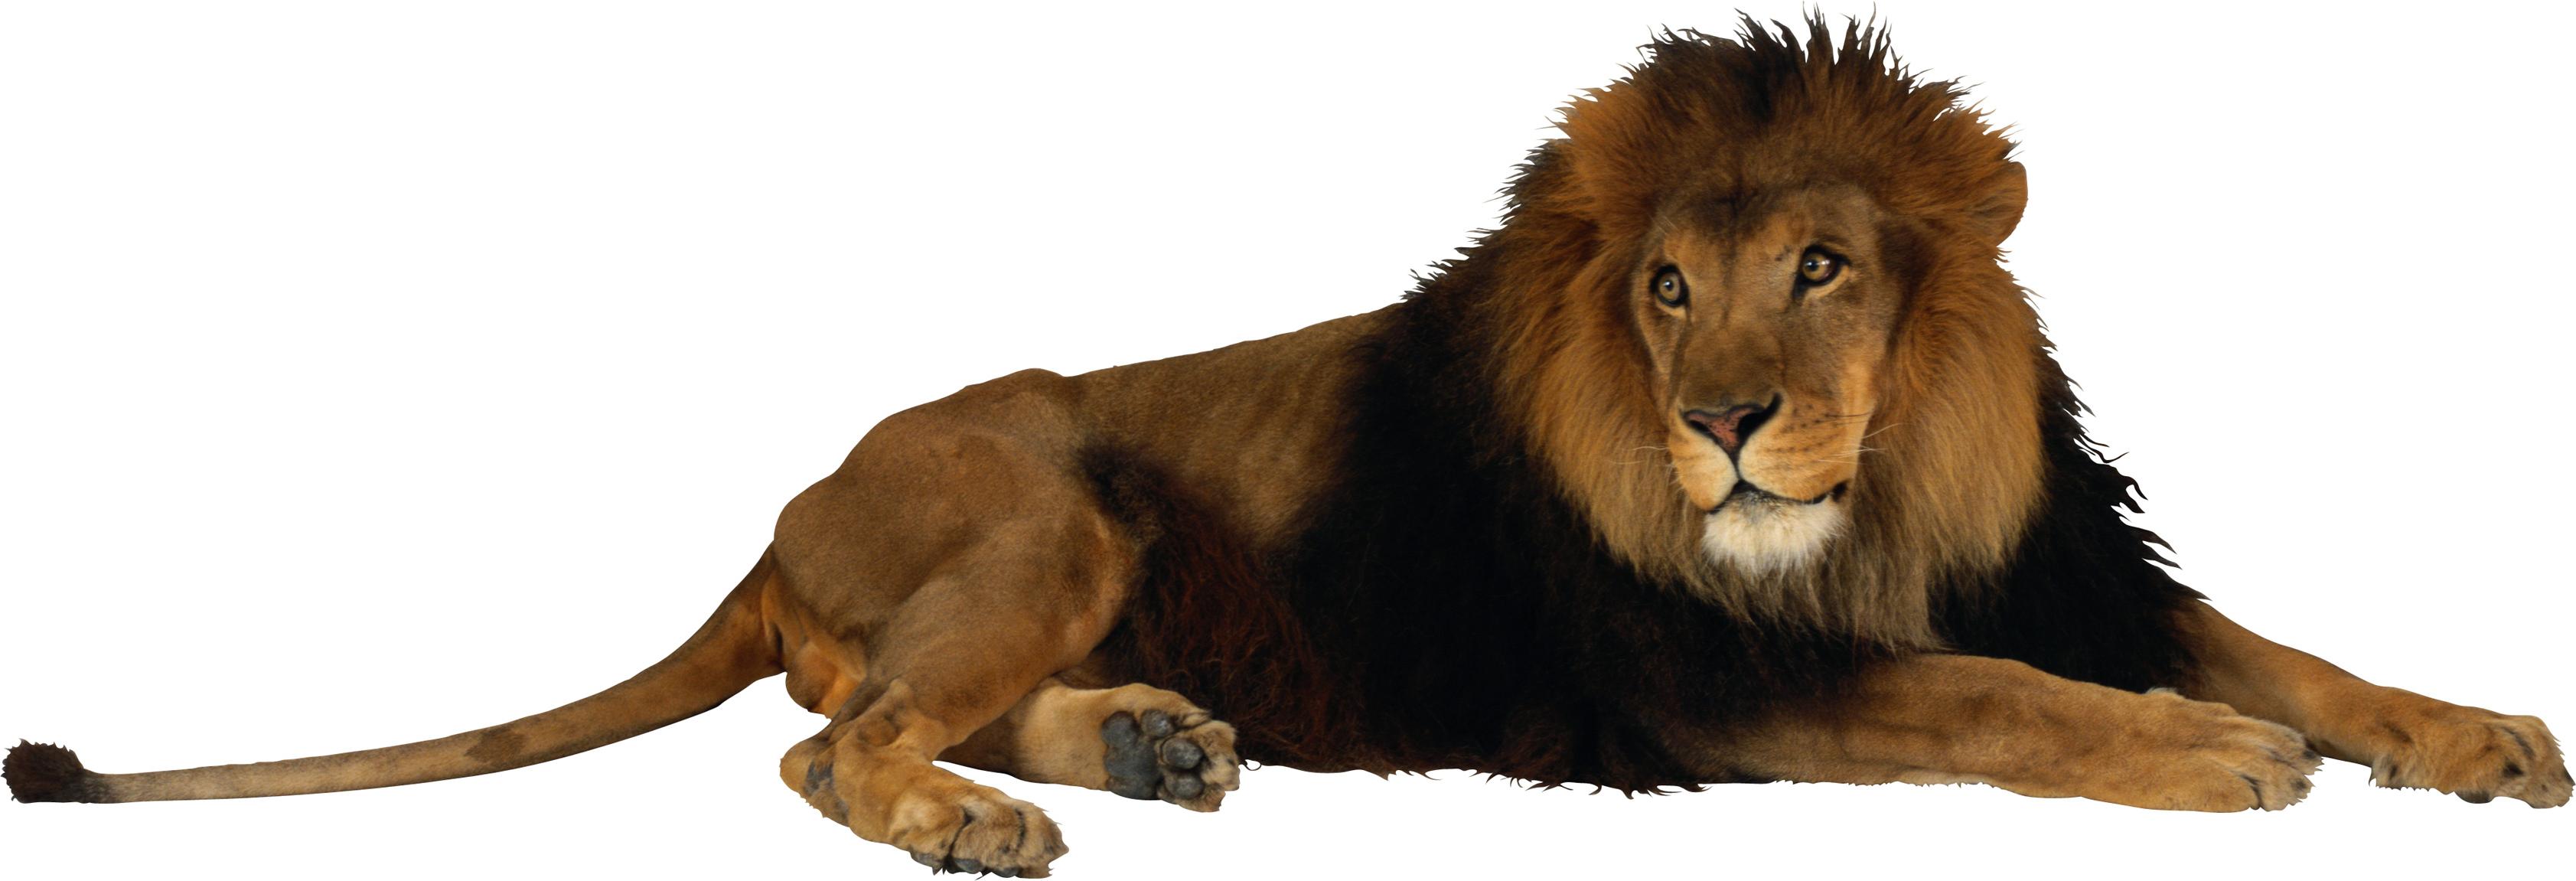 . PlusPng.com Lion PNG images, free download, lions PlusPng.com  - Free Lion PNG HD